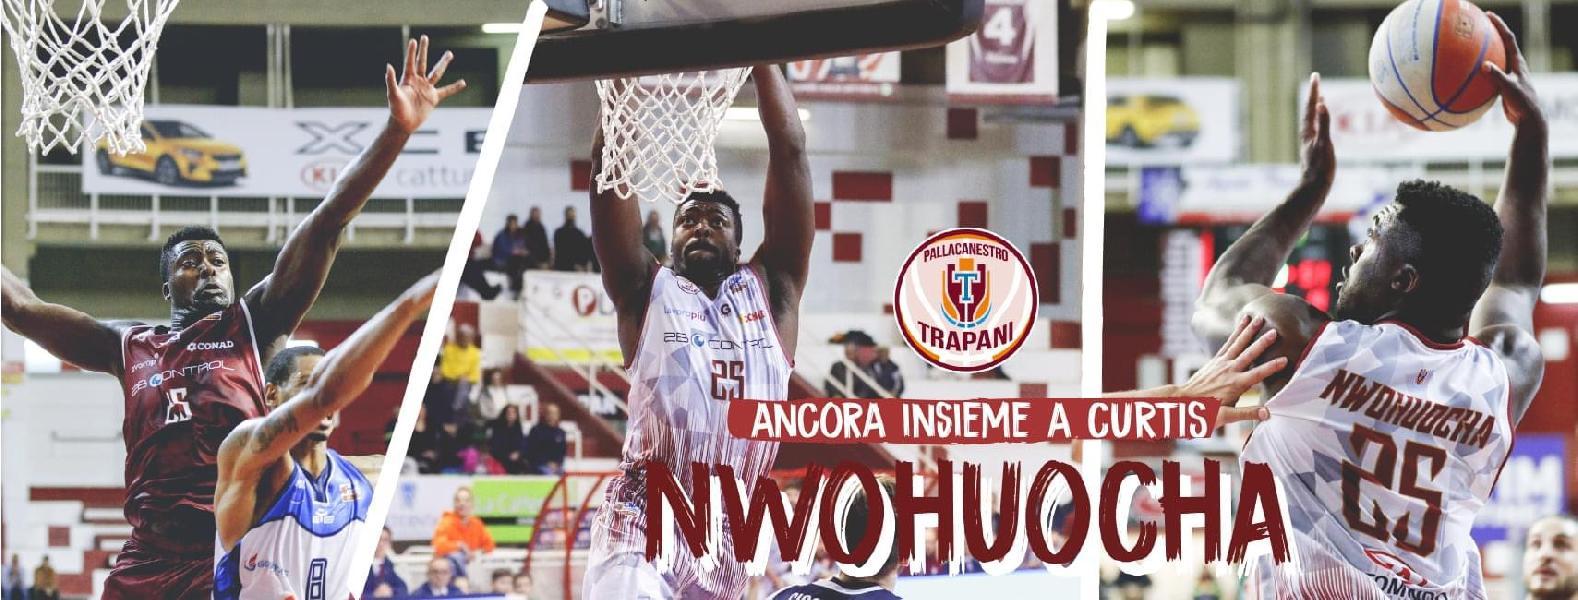 https://www.basketmarche.it/immagini_articoli/20-07-2020/ufficiale-pallacanestro-trapani-conferma-lungo-curtis-nwohuocha-600.jpg